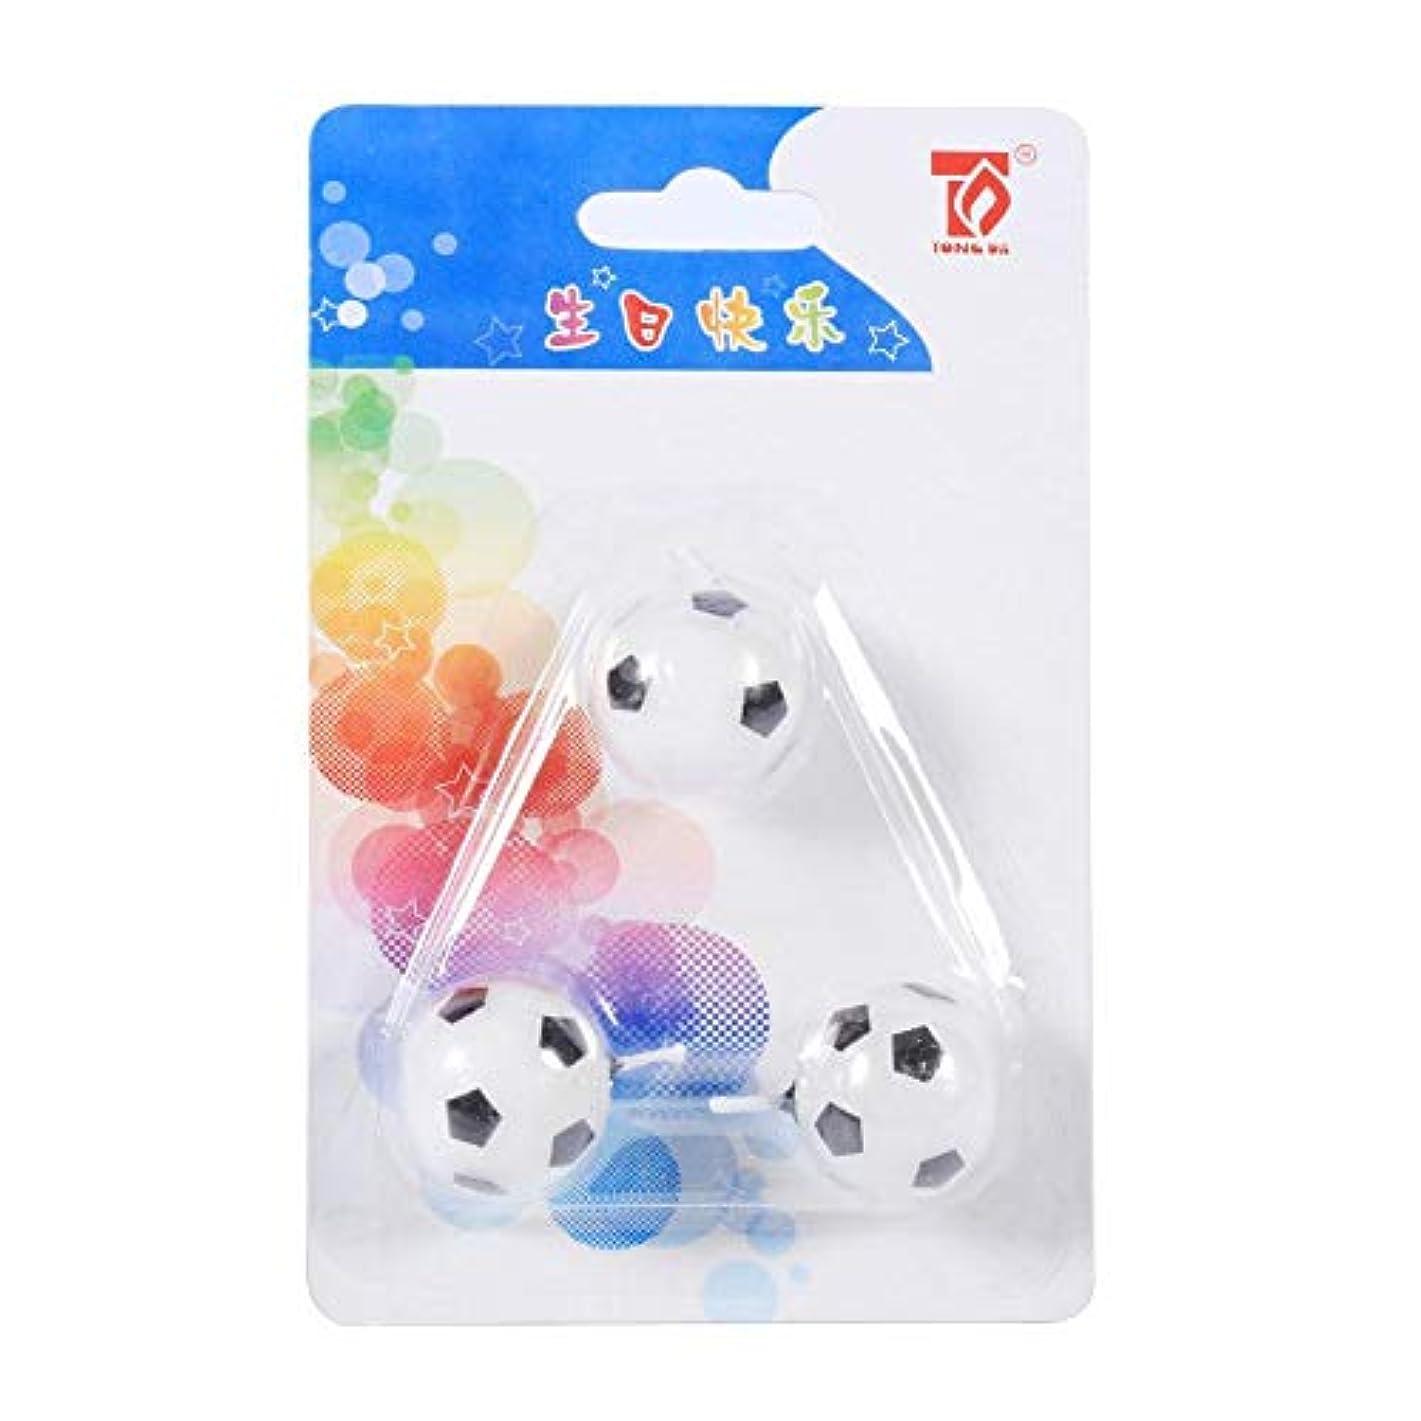 暗記する扱いやすい計算するEboxer キャンドル サッカーボールキャンドル キャンドル誕生日 子供向 3個入 サッカーボールの形 誕生日 パーティケーキのキャンドル 飾り物 可愛い